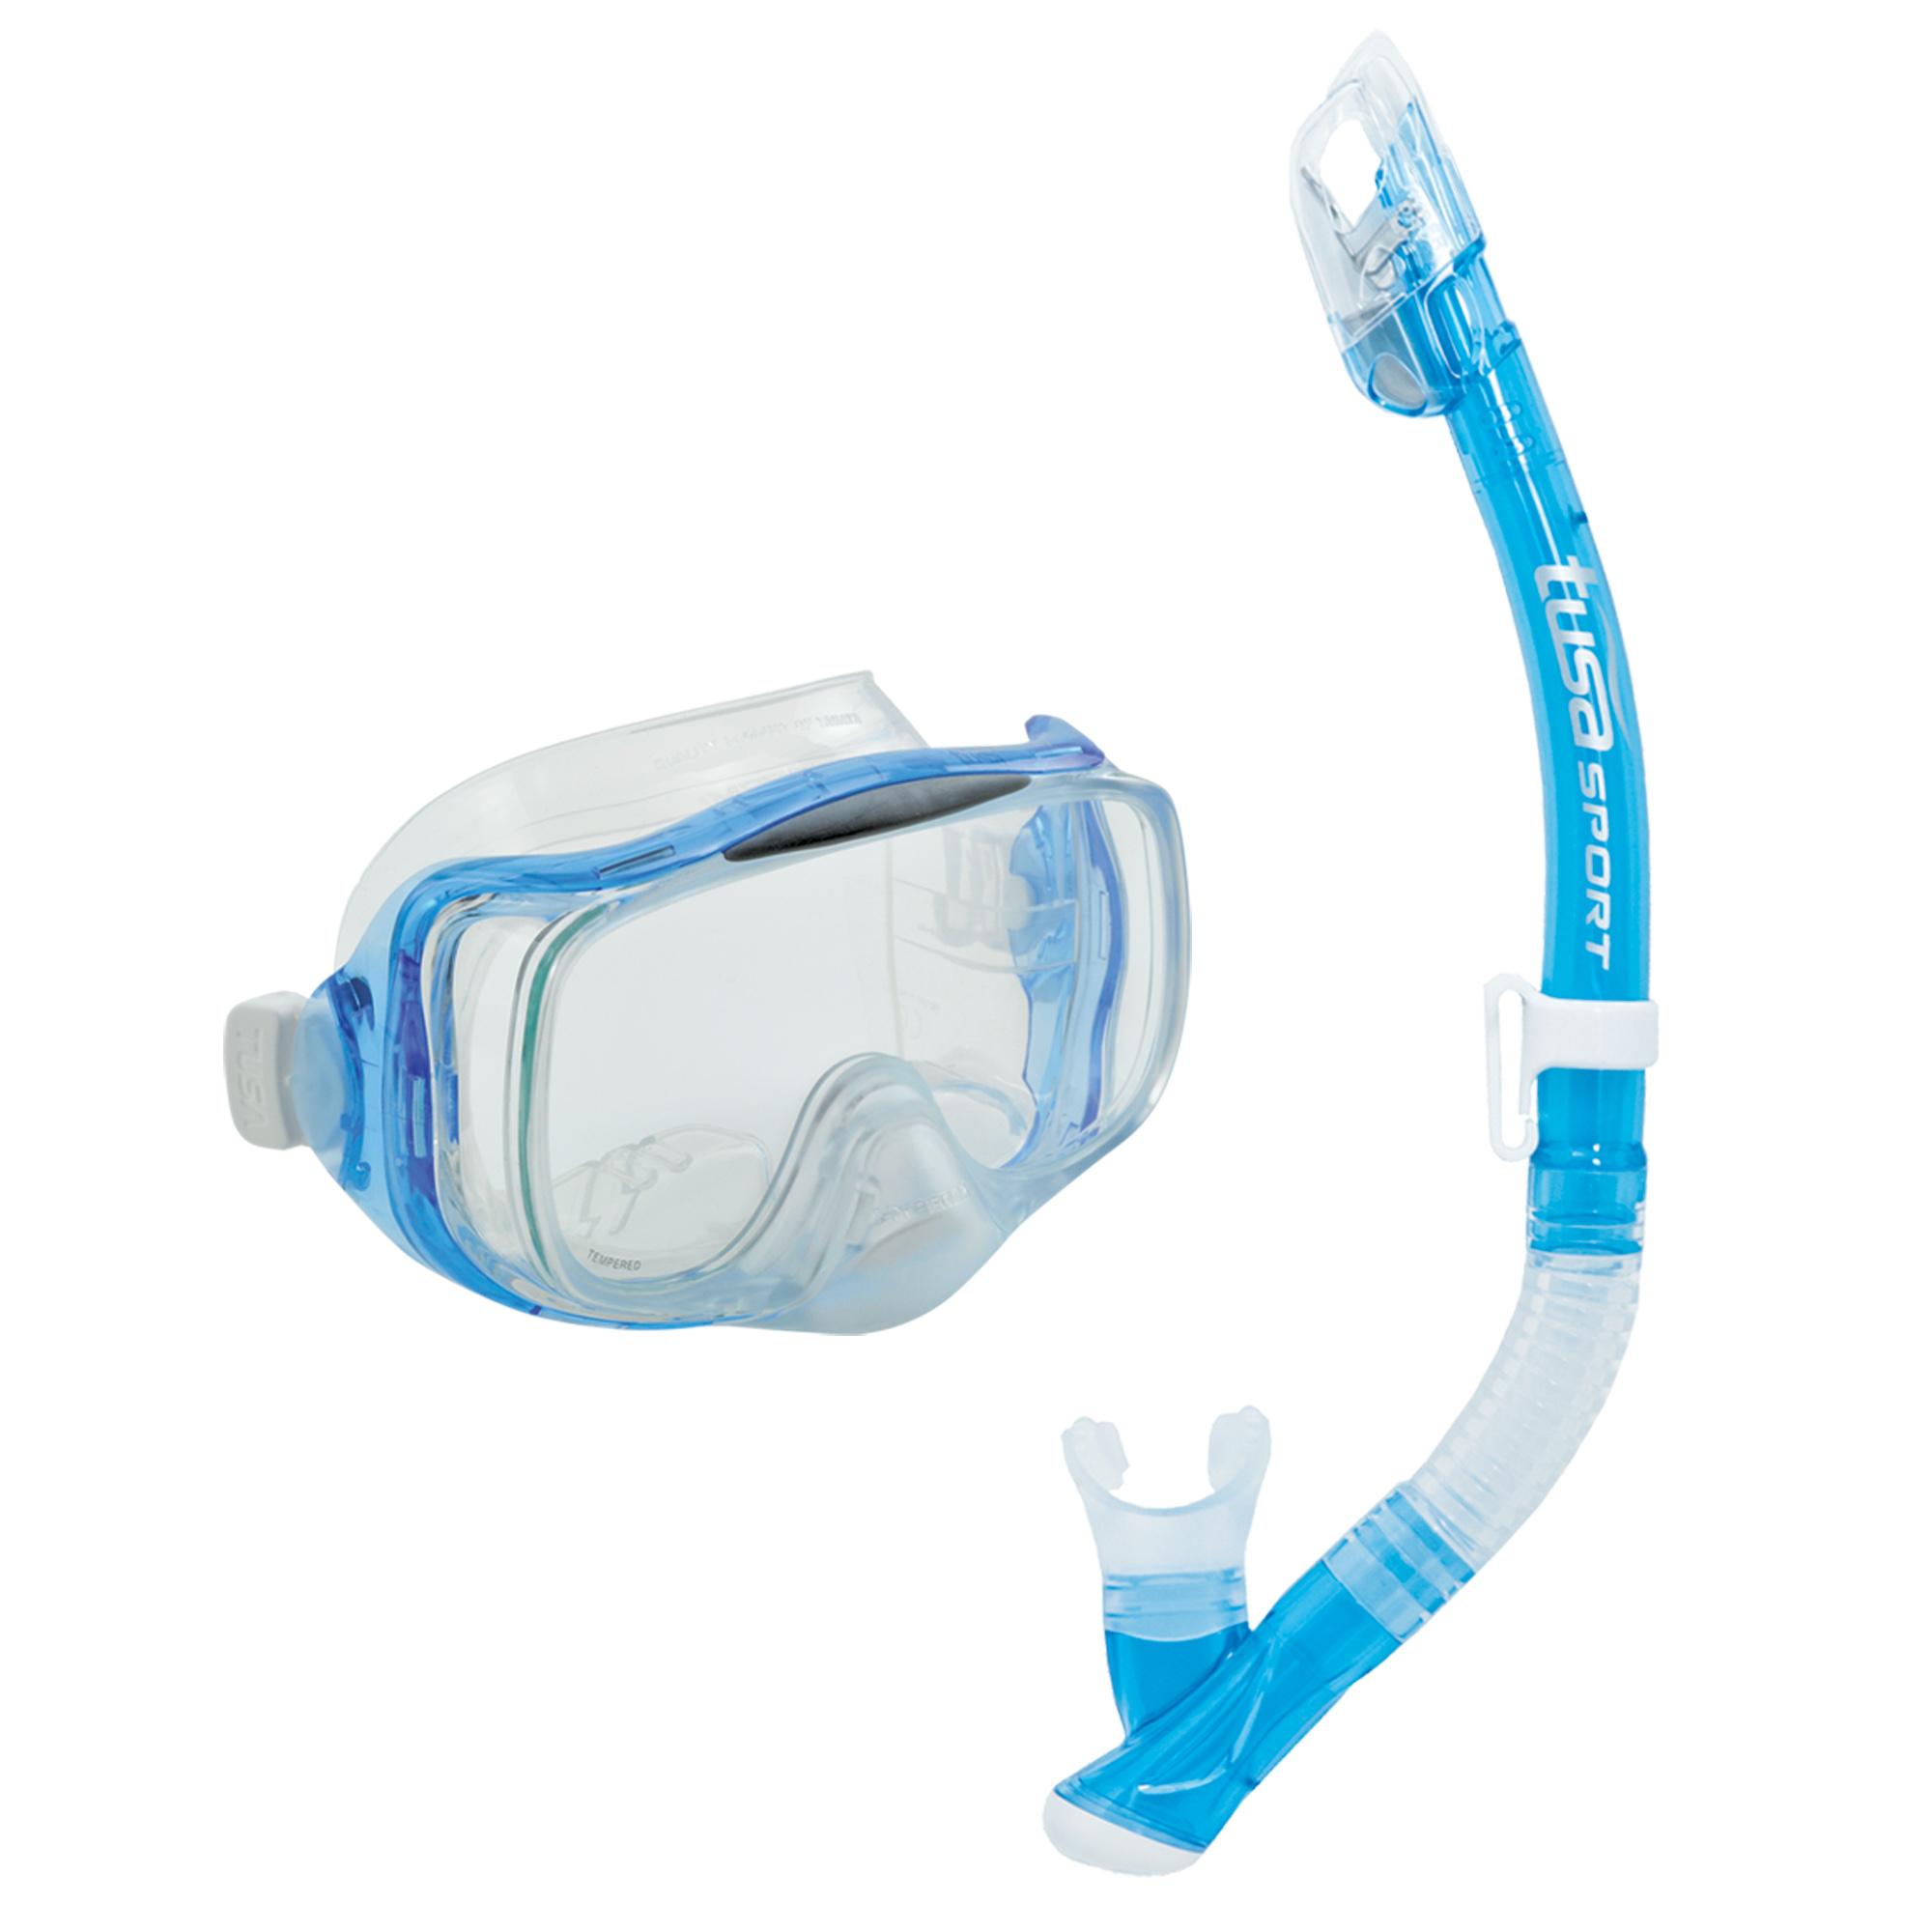 все цены на Tusa Комплект Tusa Imprex 3-D Dry: маска, трубка онлайн